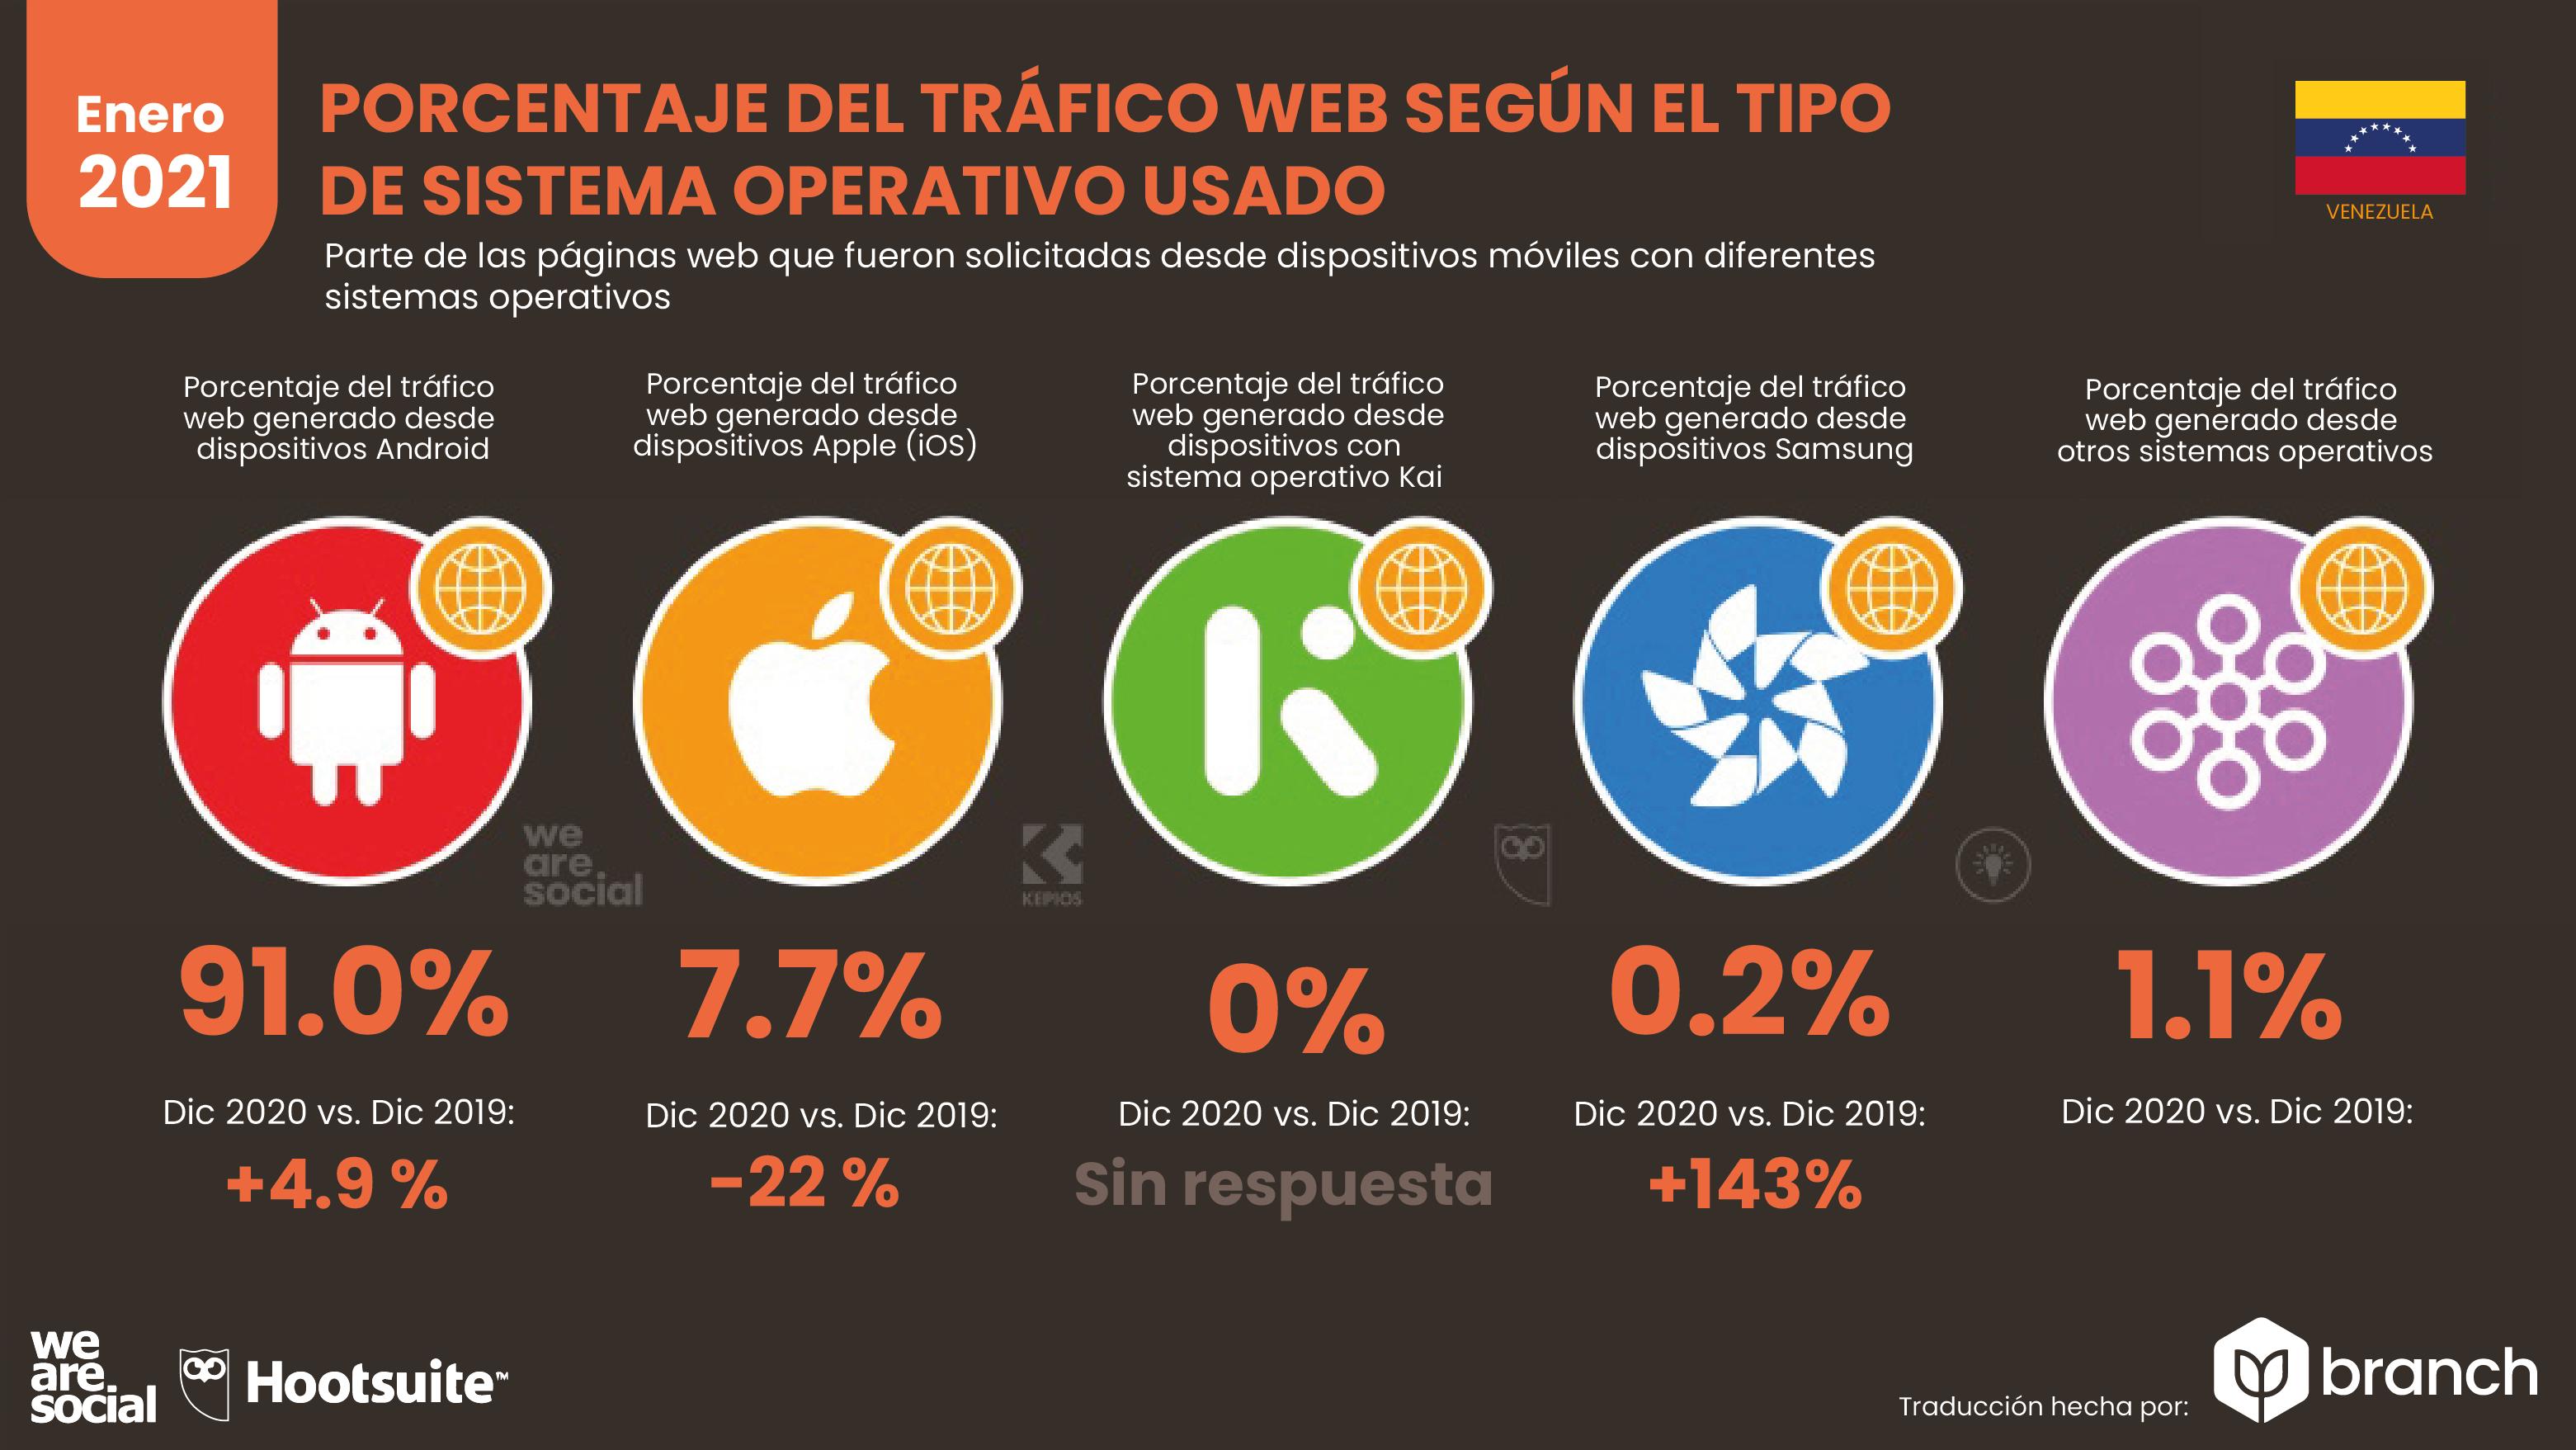 trafico-web-por-sistema-operativo-venezuela-2020-2021